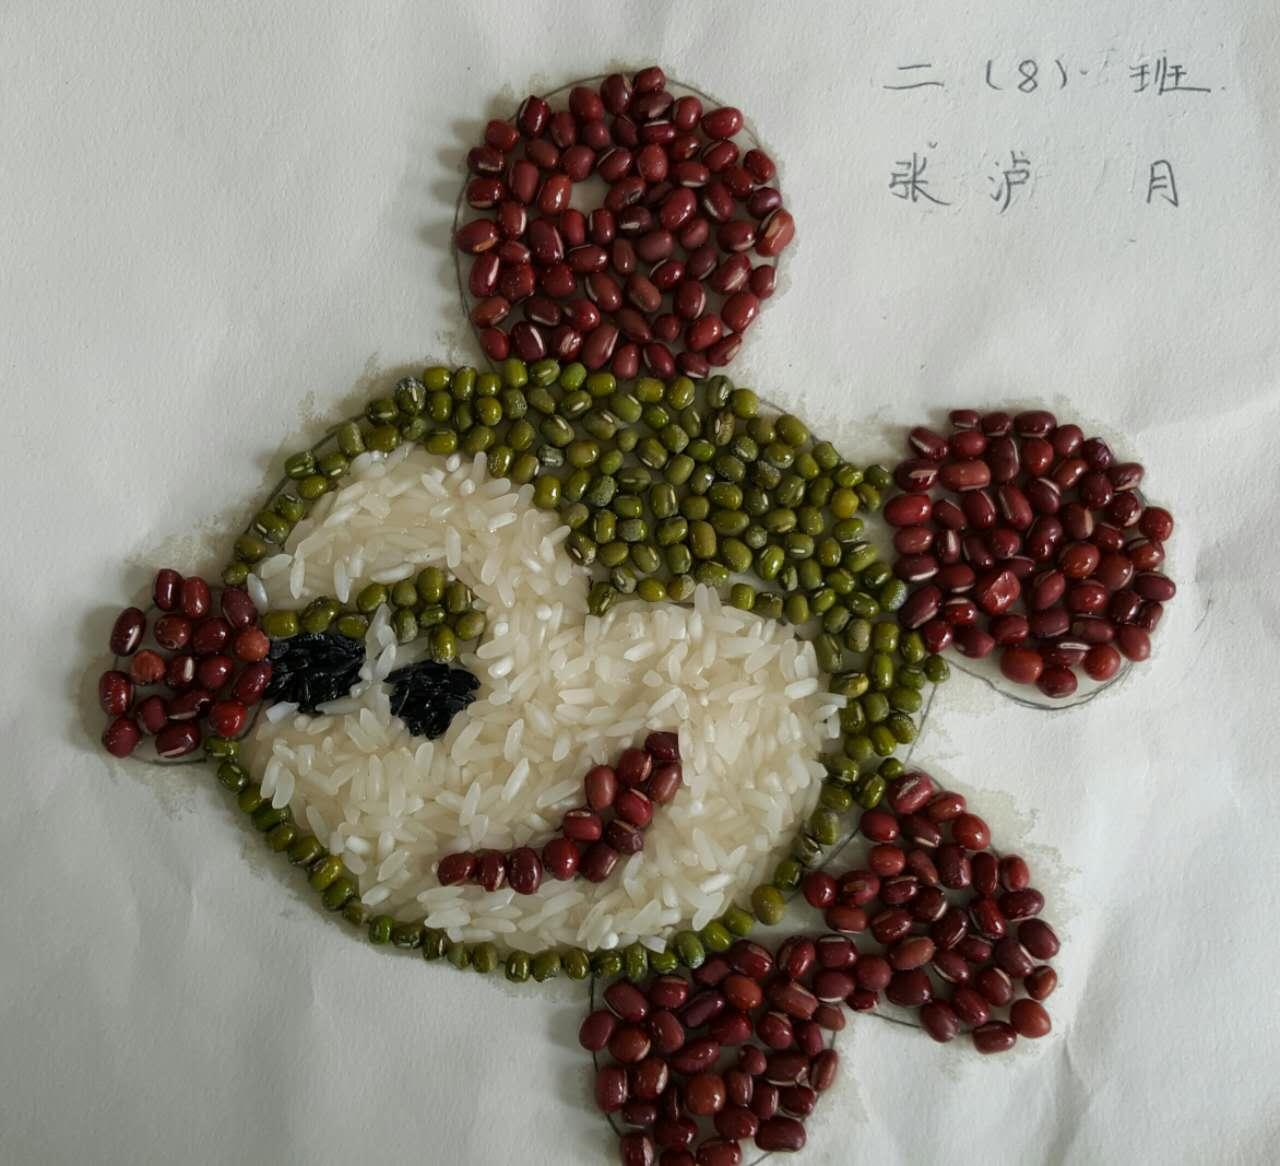 城南小学学生用五谷杂粮作画 图